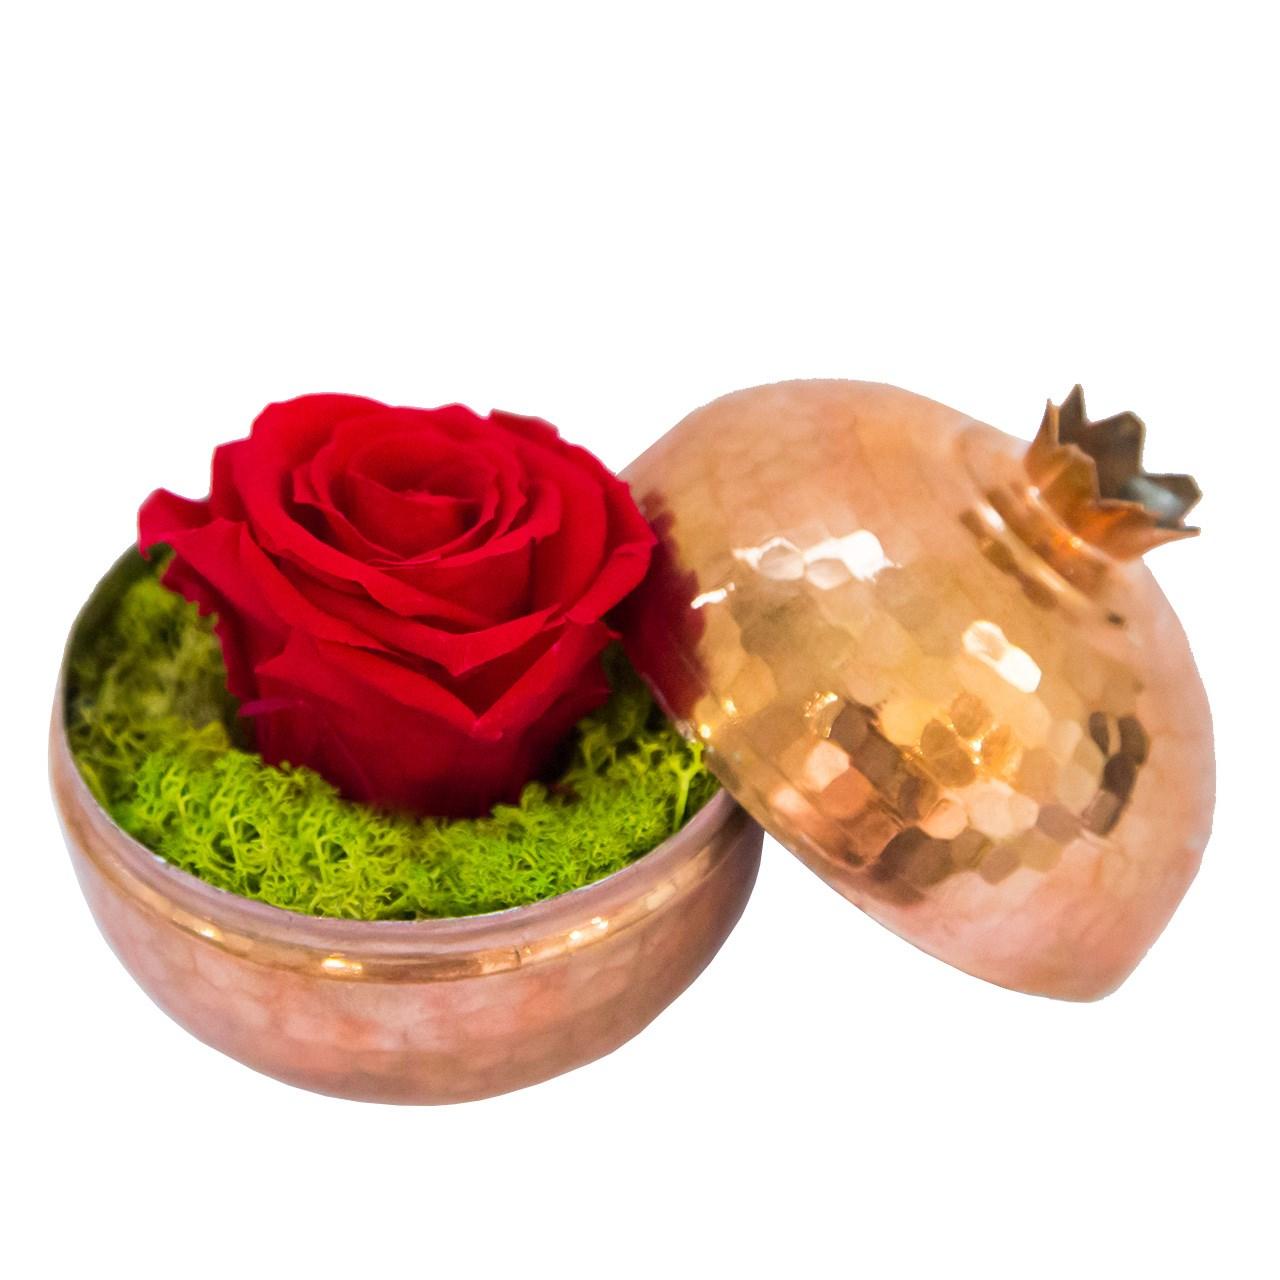 گل و گلدان,گل و گلدان فورمه فلور